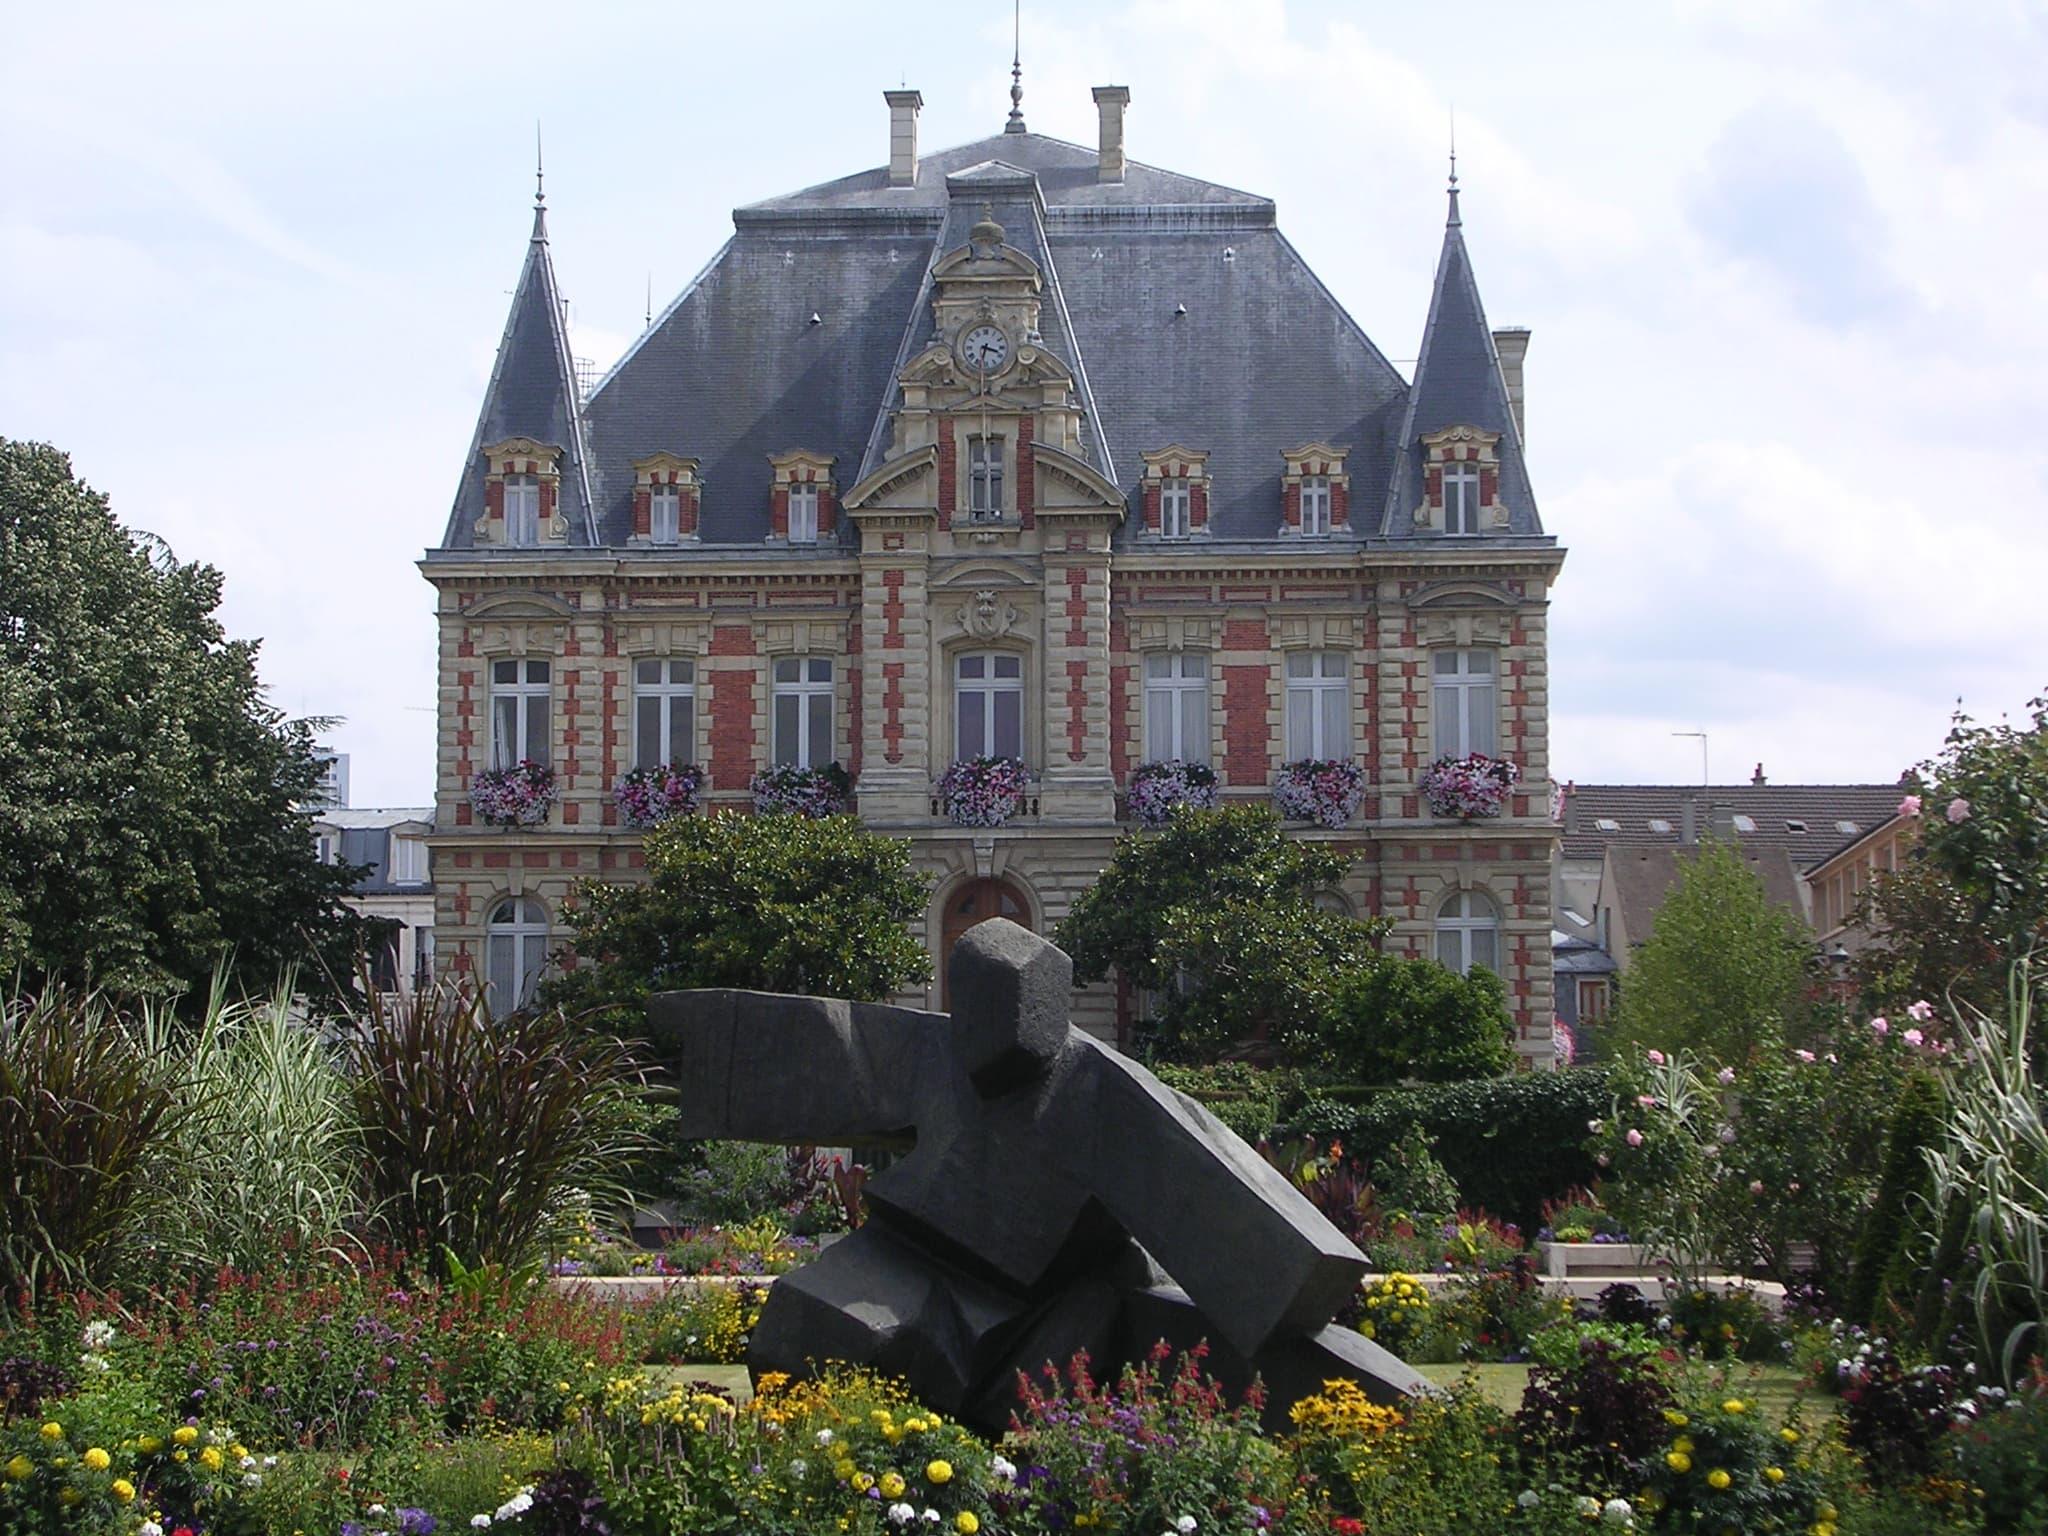 Recherchez un Célibataire à Reuil malmaison - Rencontre Reuil malmaison gratuite 92